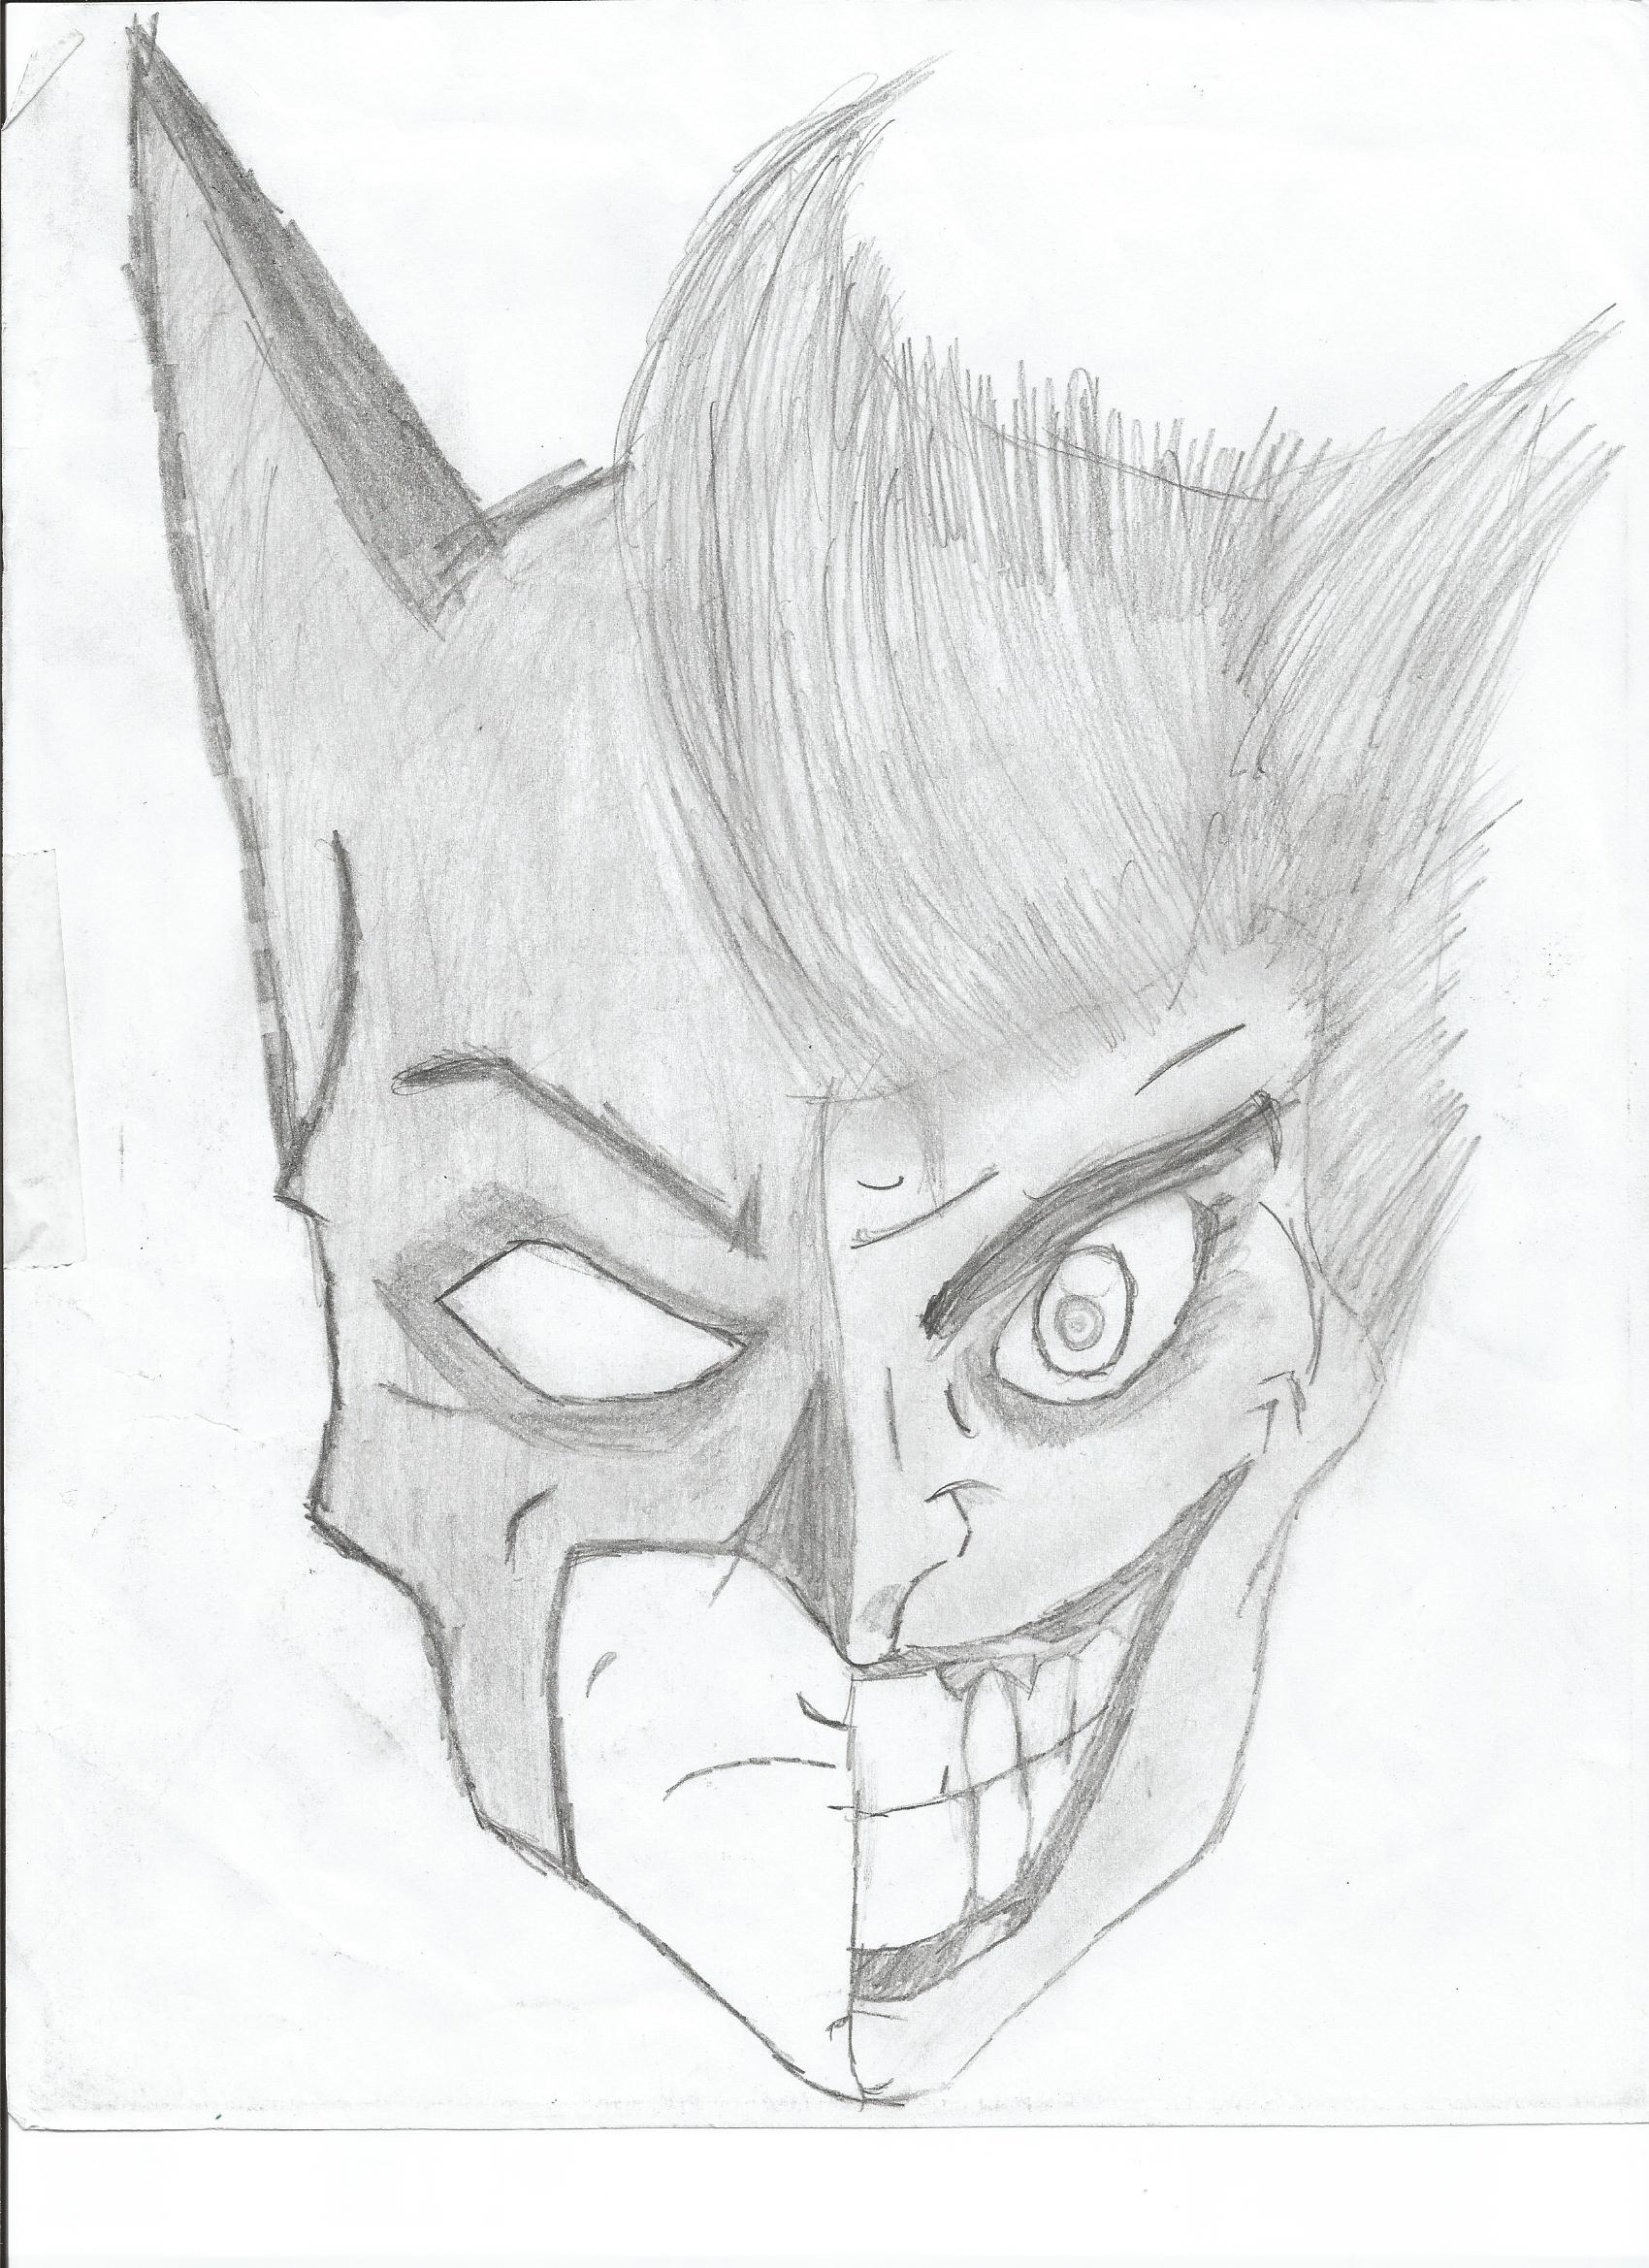 Batman-Joker Portrait Sketch | Alex Quitmeyer | Foundmyself